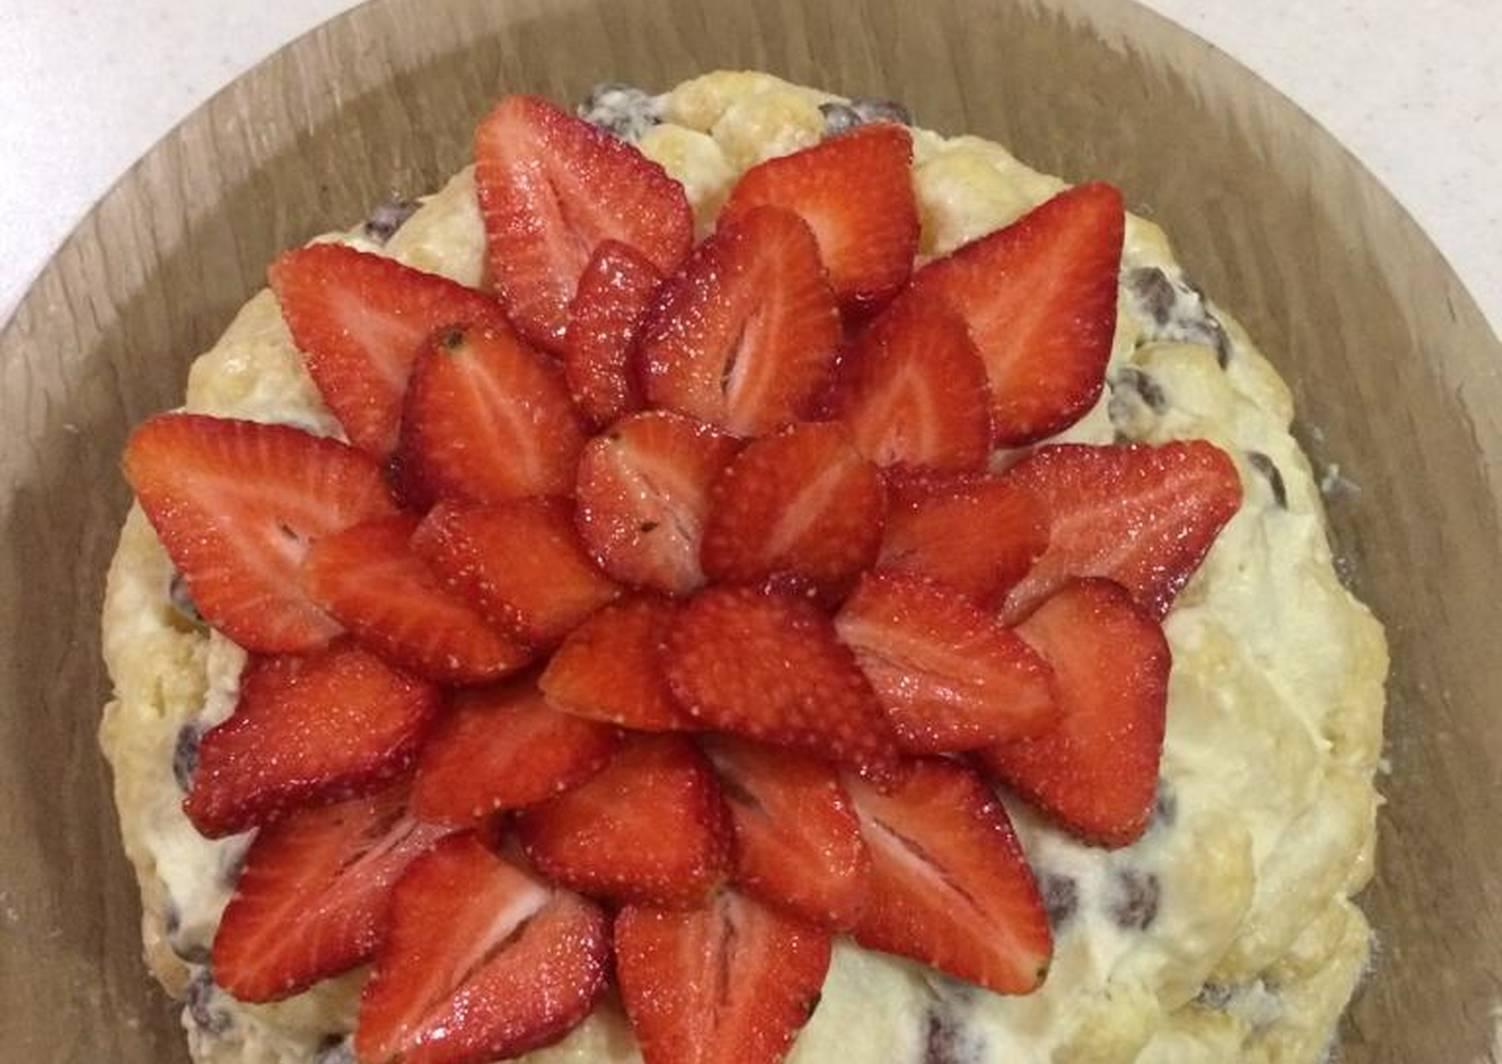 десерт на скорую руку рецепты с фото мультиварки